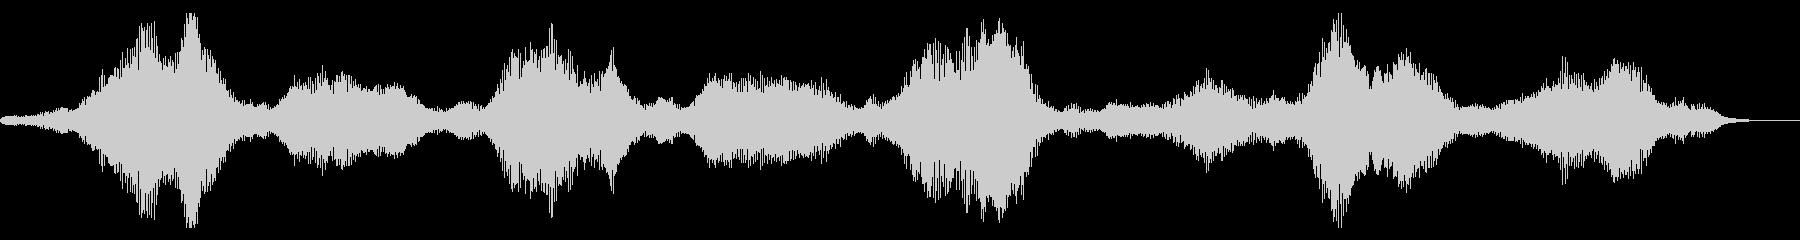 不気味な振動の未再生の波形